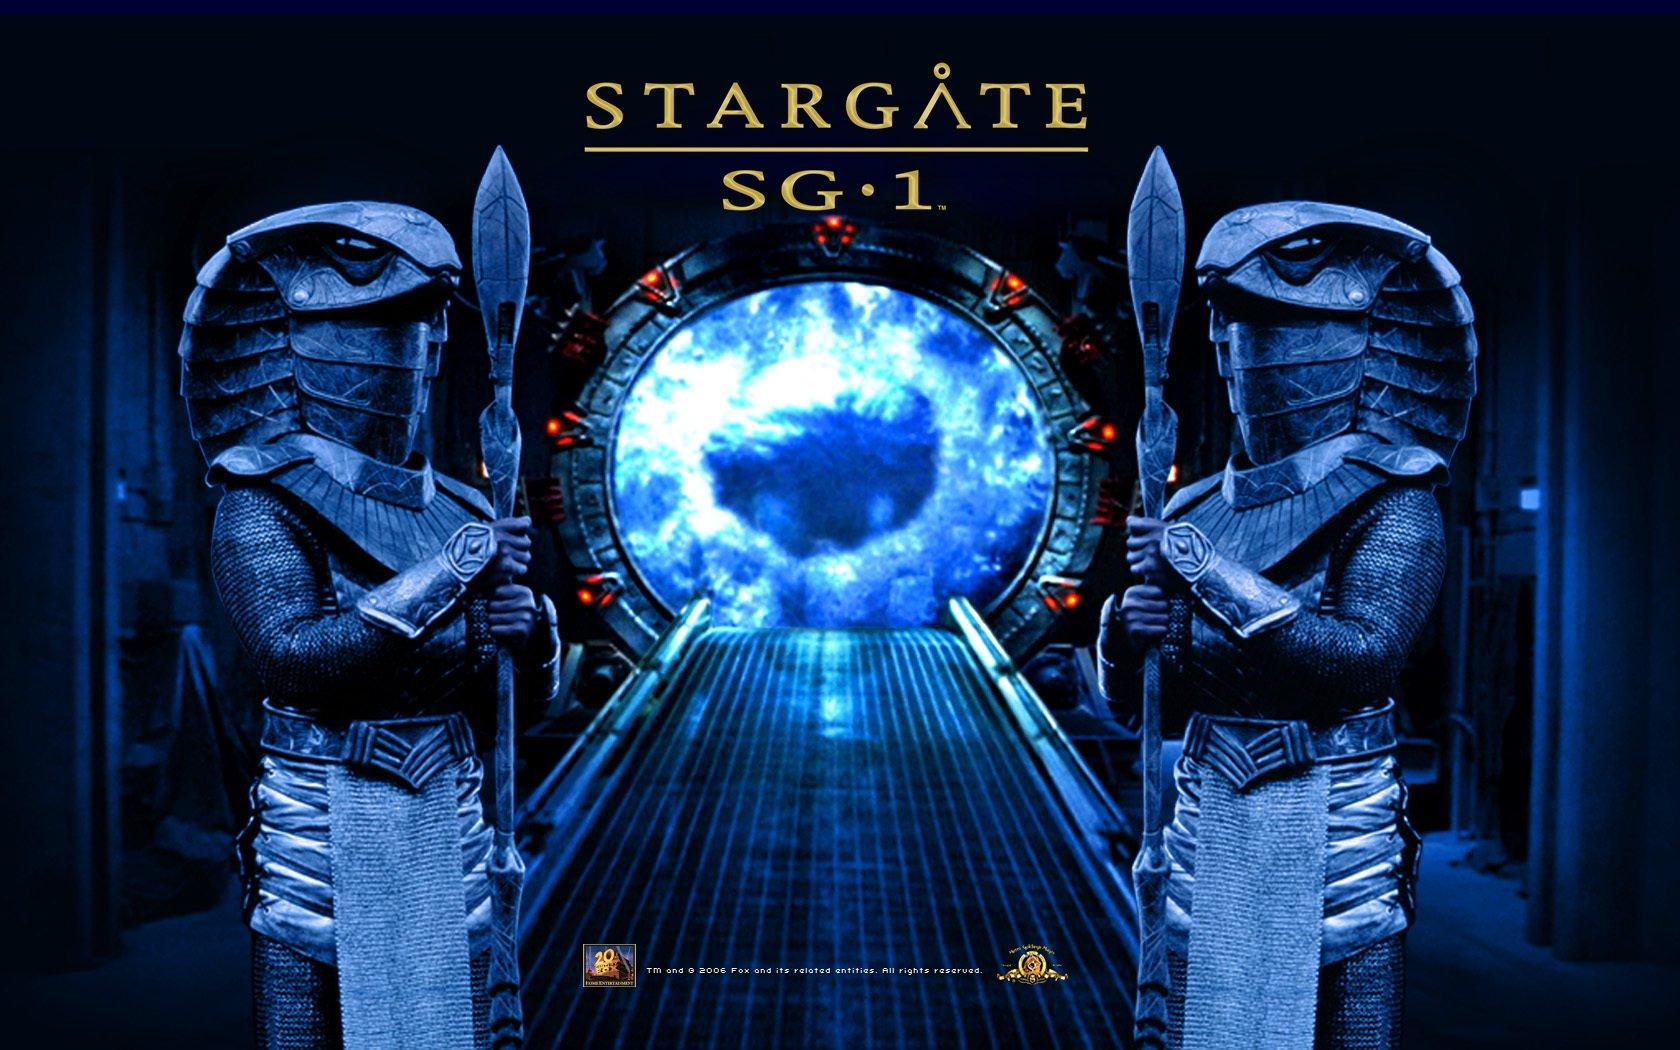 Stargate Sg1 Wallpaper - WallpaperSafari